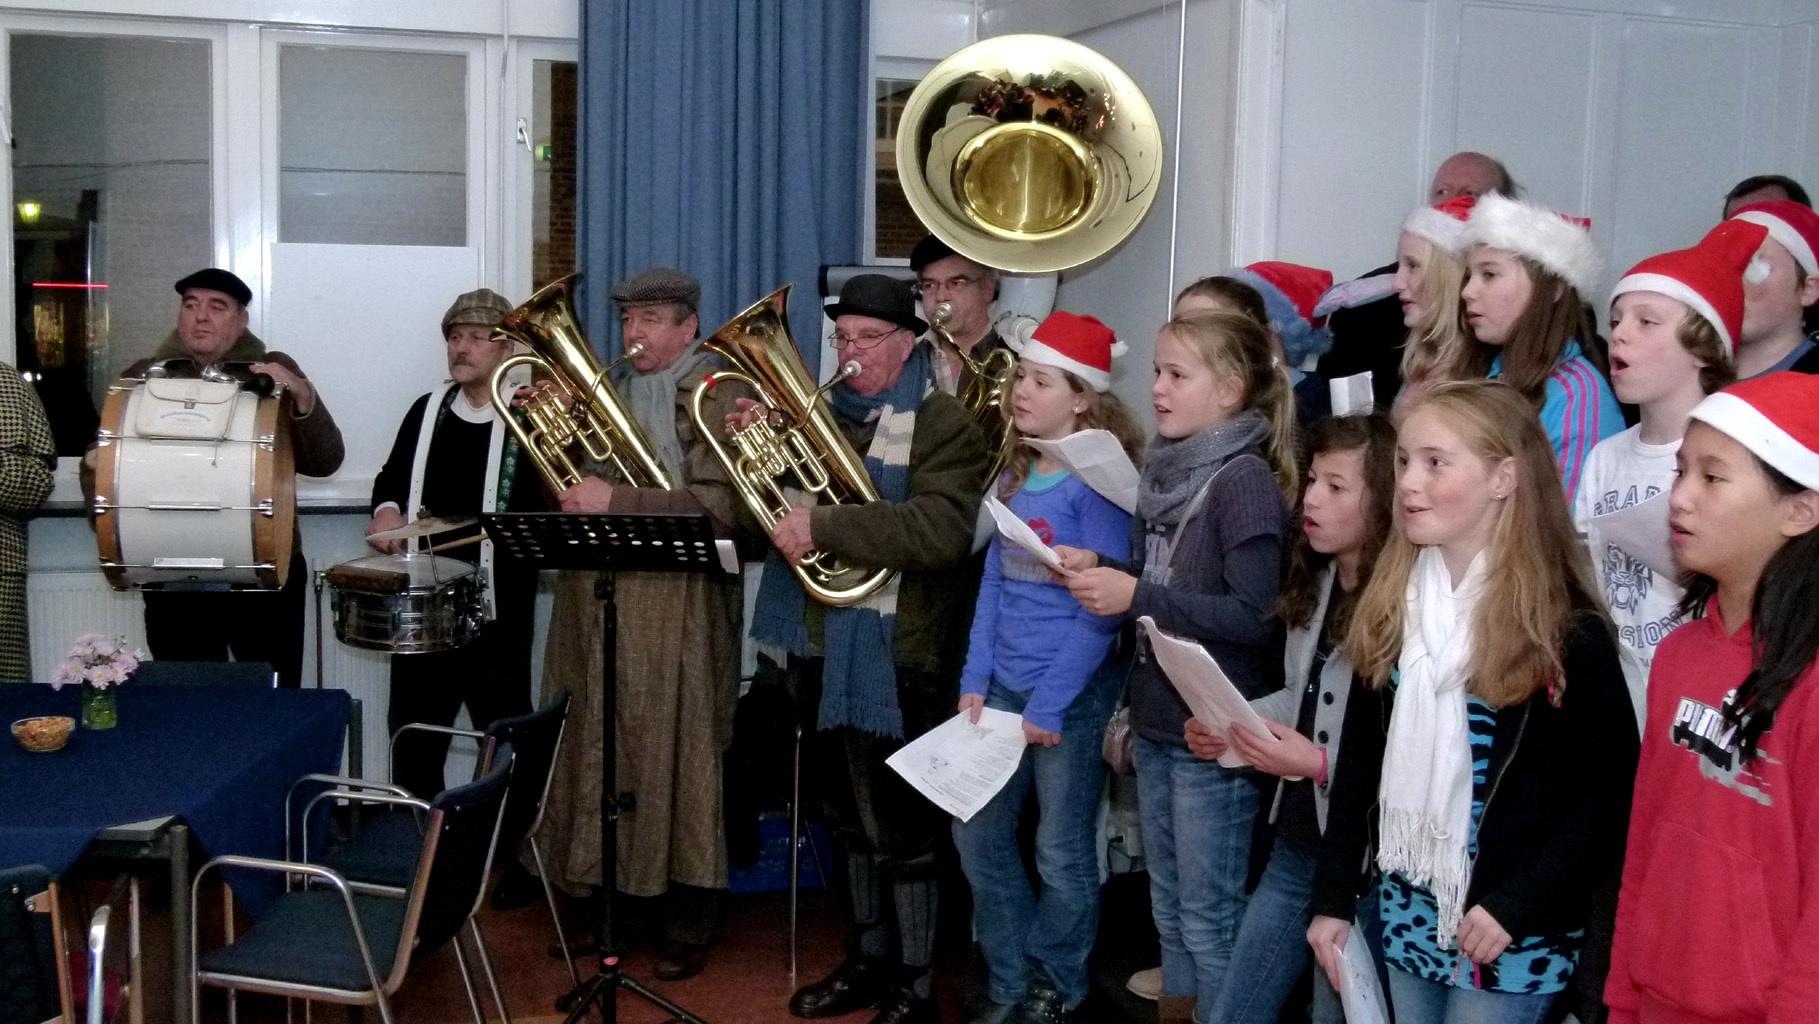 Lusthof Kerstboom ontstoken bij de Oude kerk  09